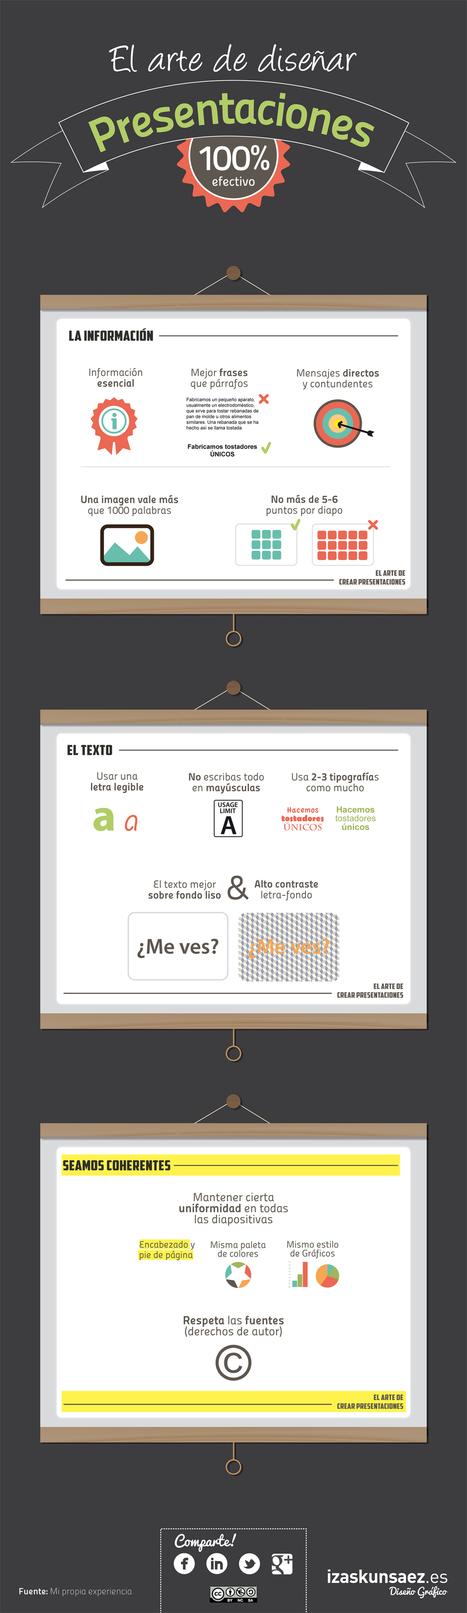 Infografía: El arte de diseñar buenas presentaciones | Educación y TIC | Scoop.it